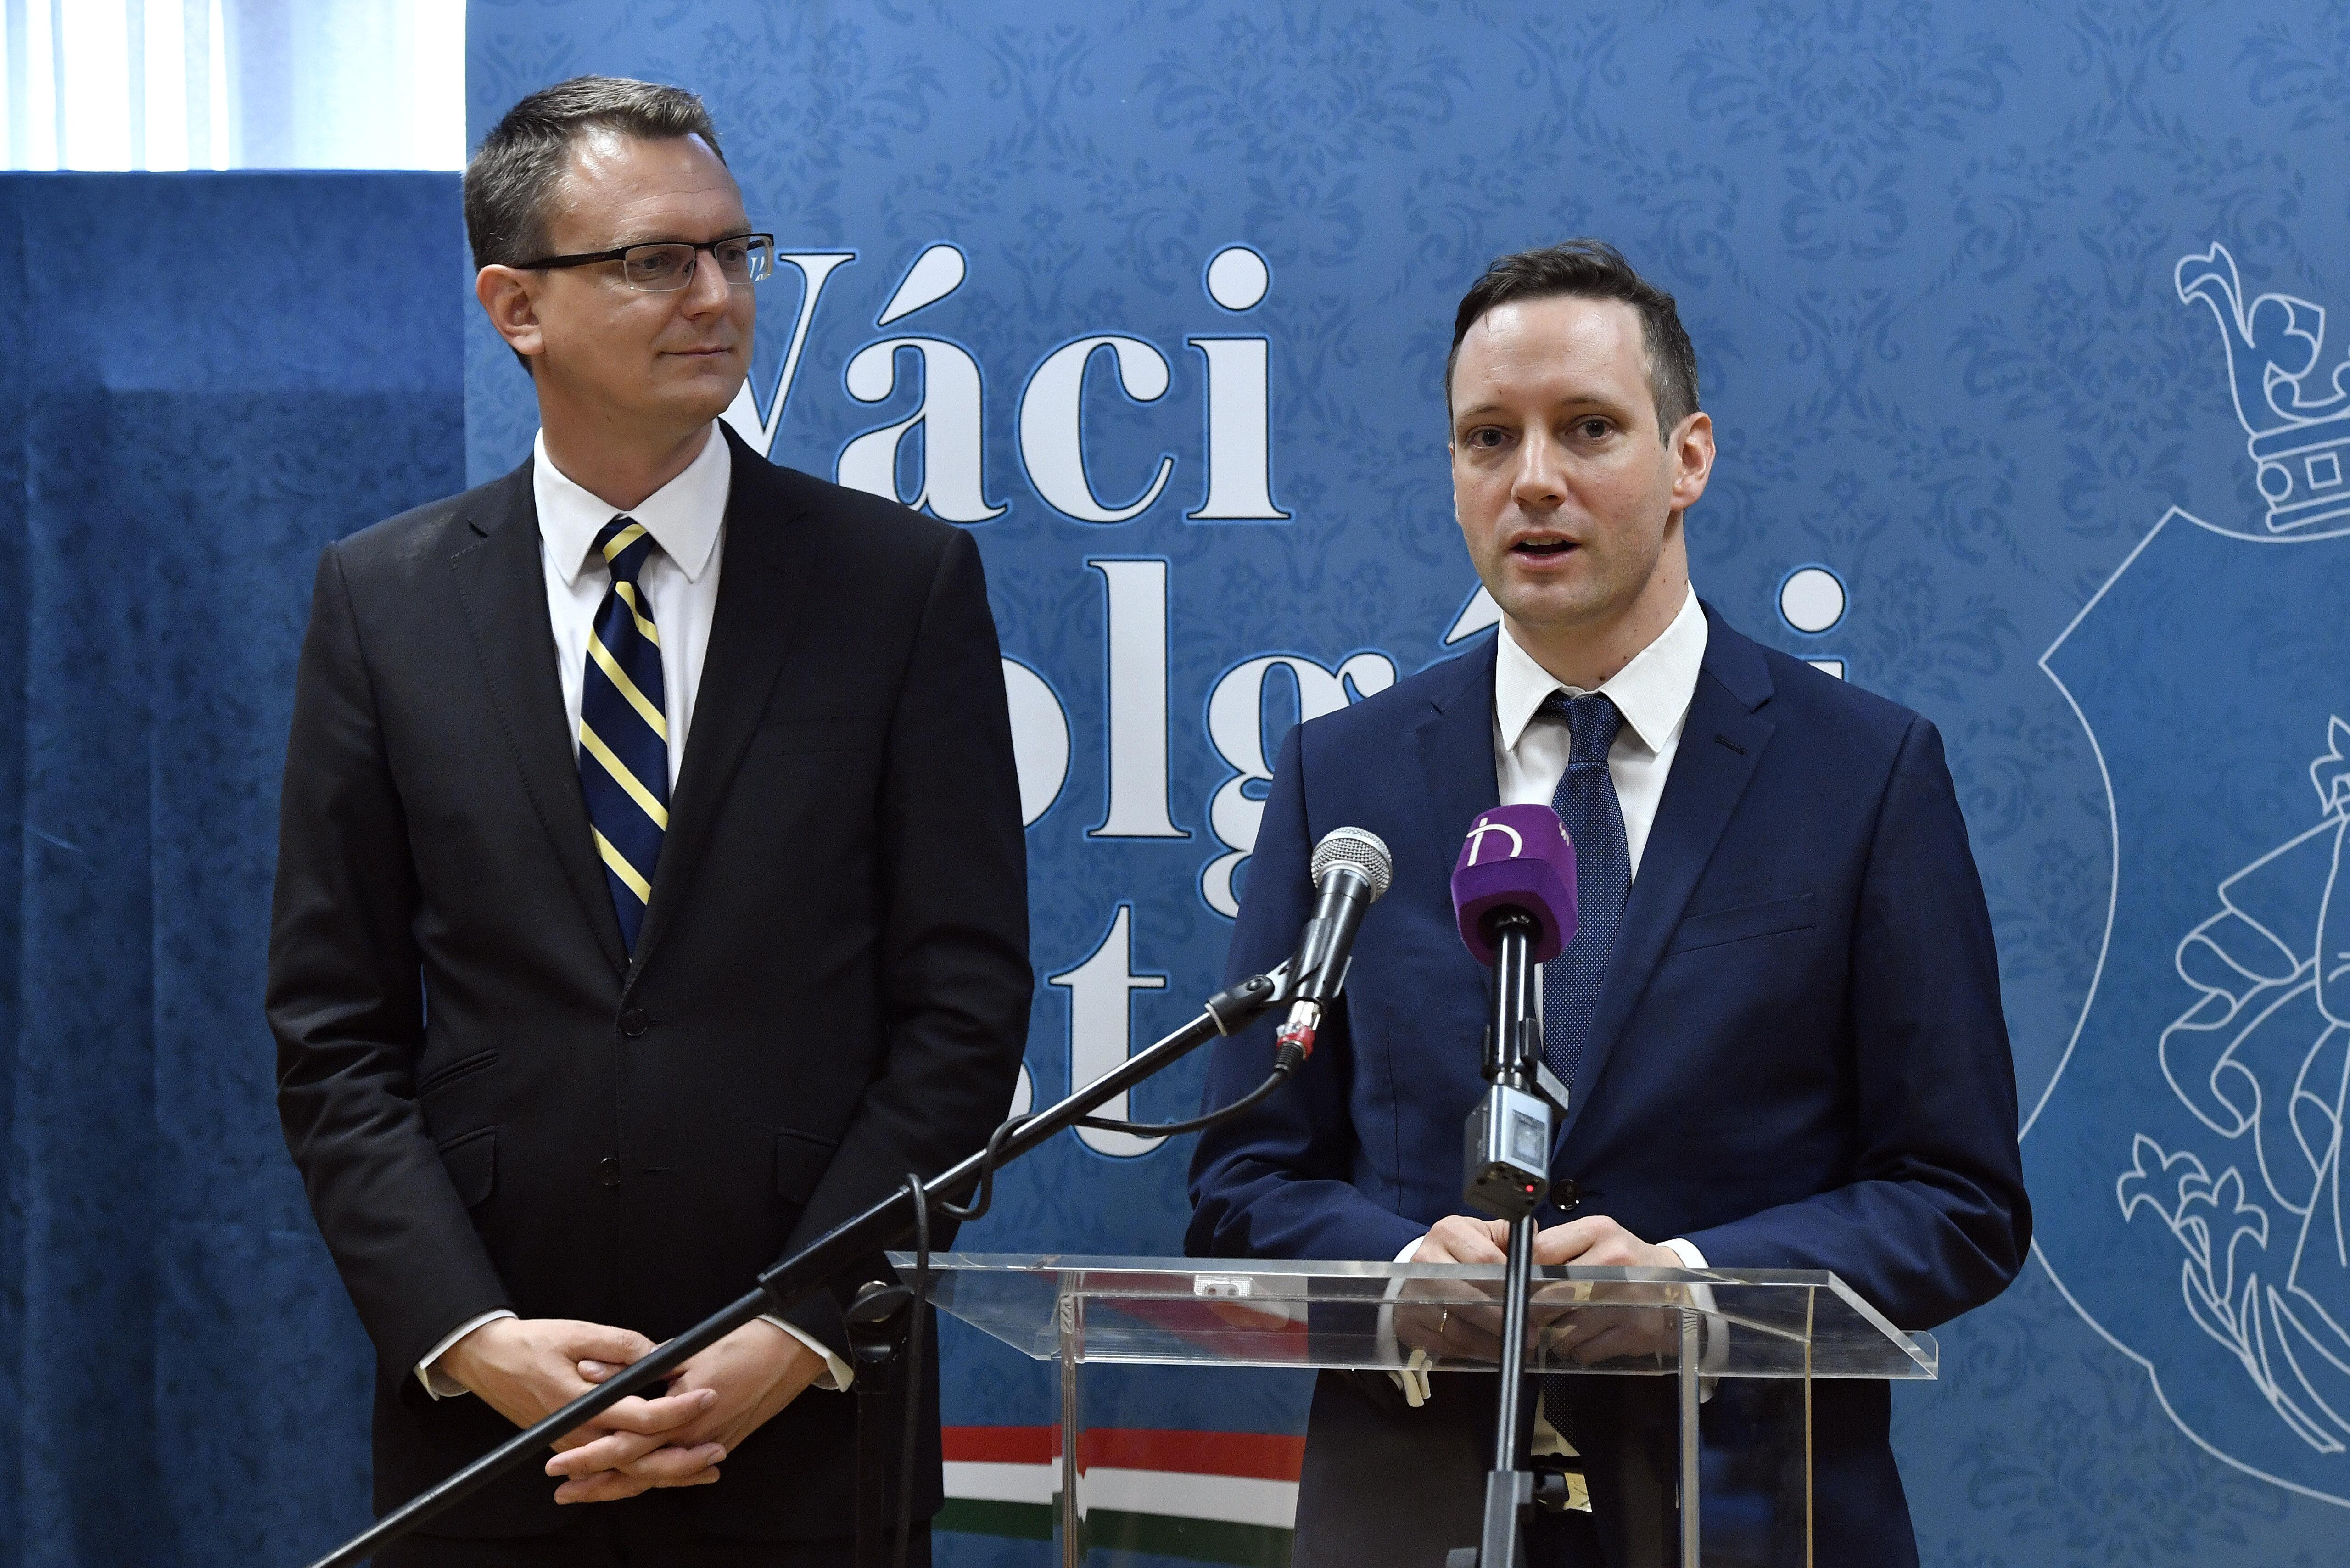 Három év alatt 11,2 milliárd forintot költött a Hungary Helps Ügynökség a keresztények megsegítésére a világban